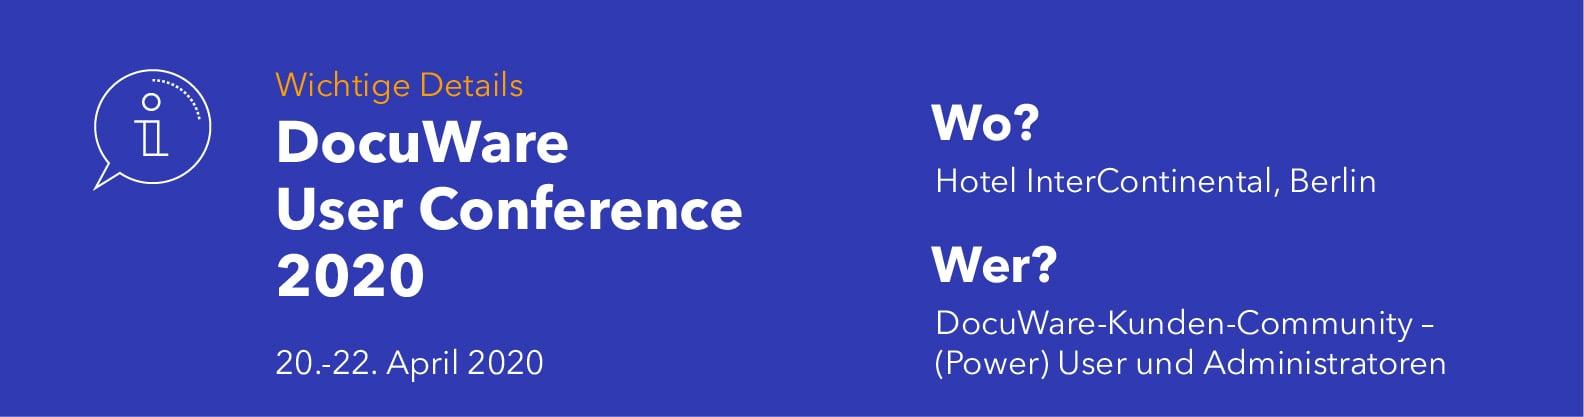 User Conference 2020: Event-Details